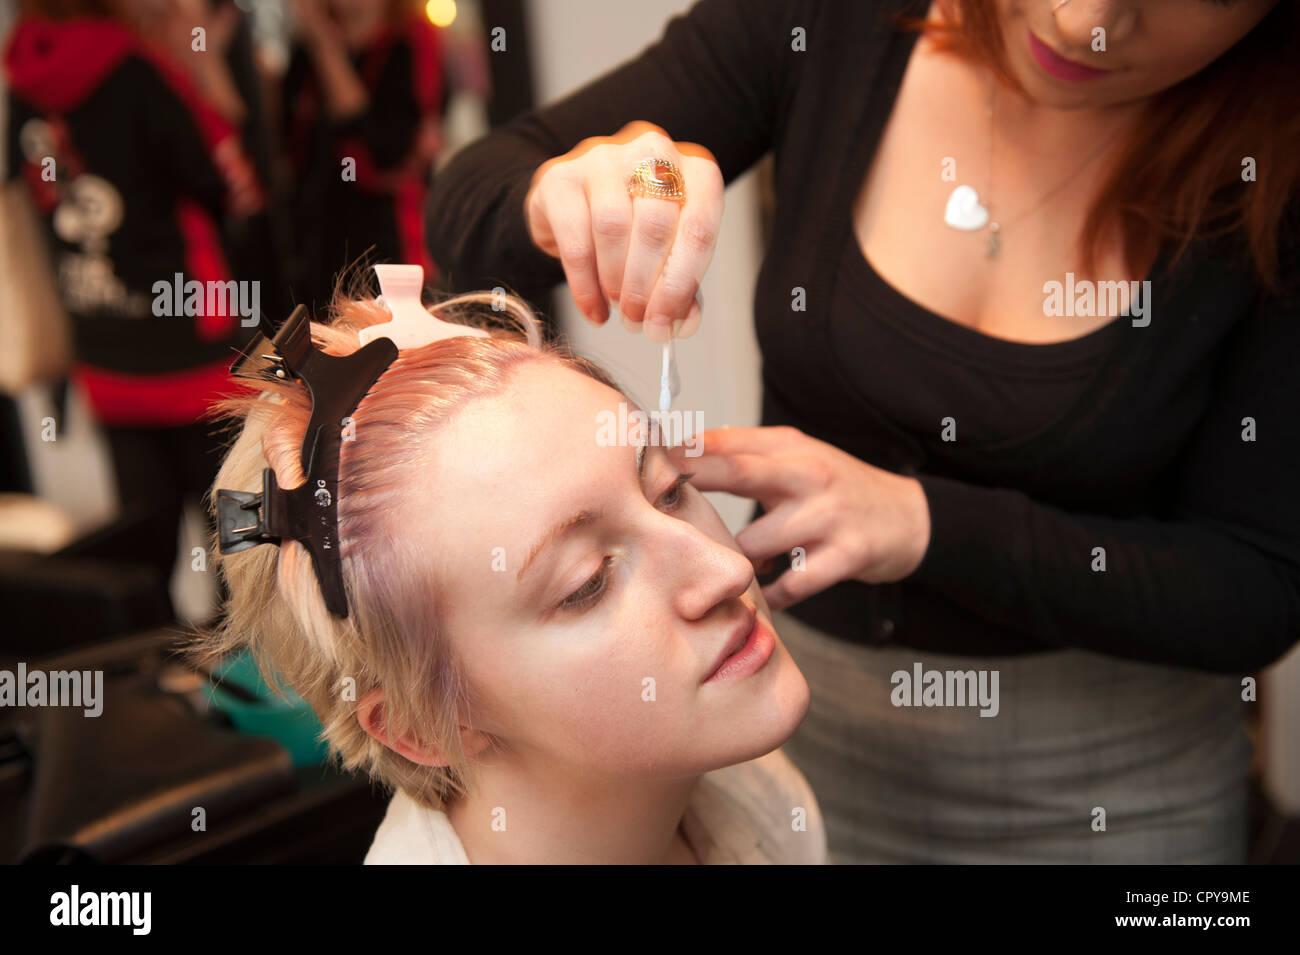 Une jeune femme ayant un cheveux et maquillage beauté make-over dans un salon, blanchiment ses sourcils, UK Photo Stock